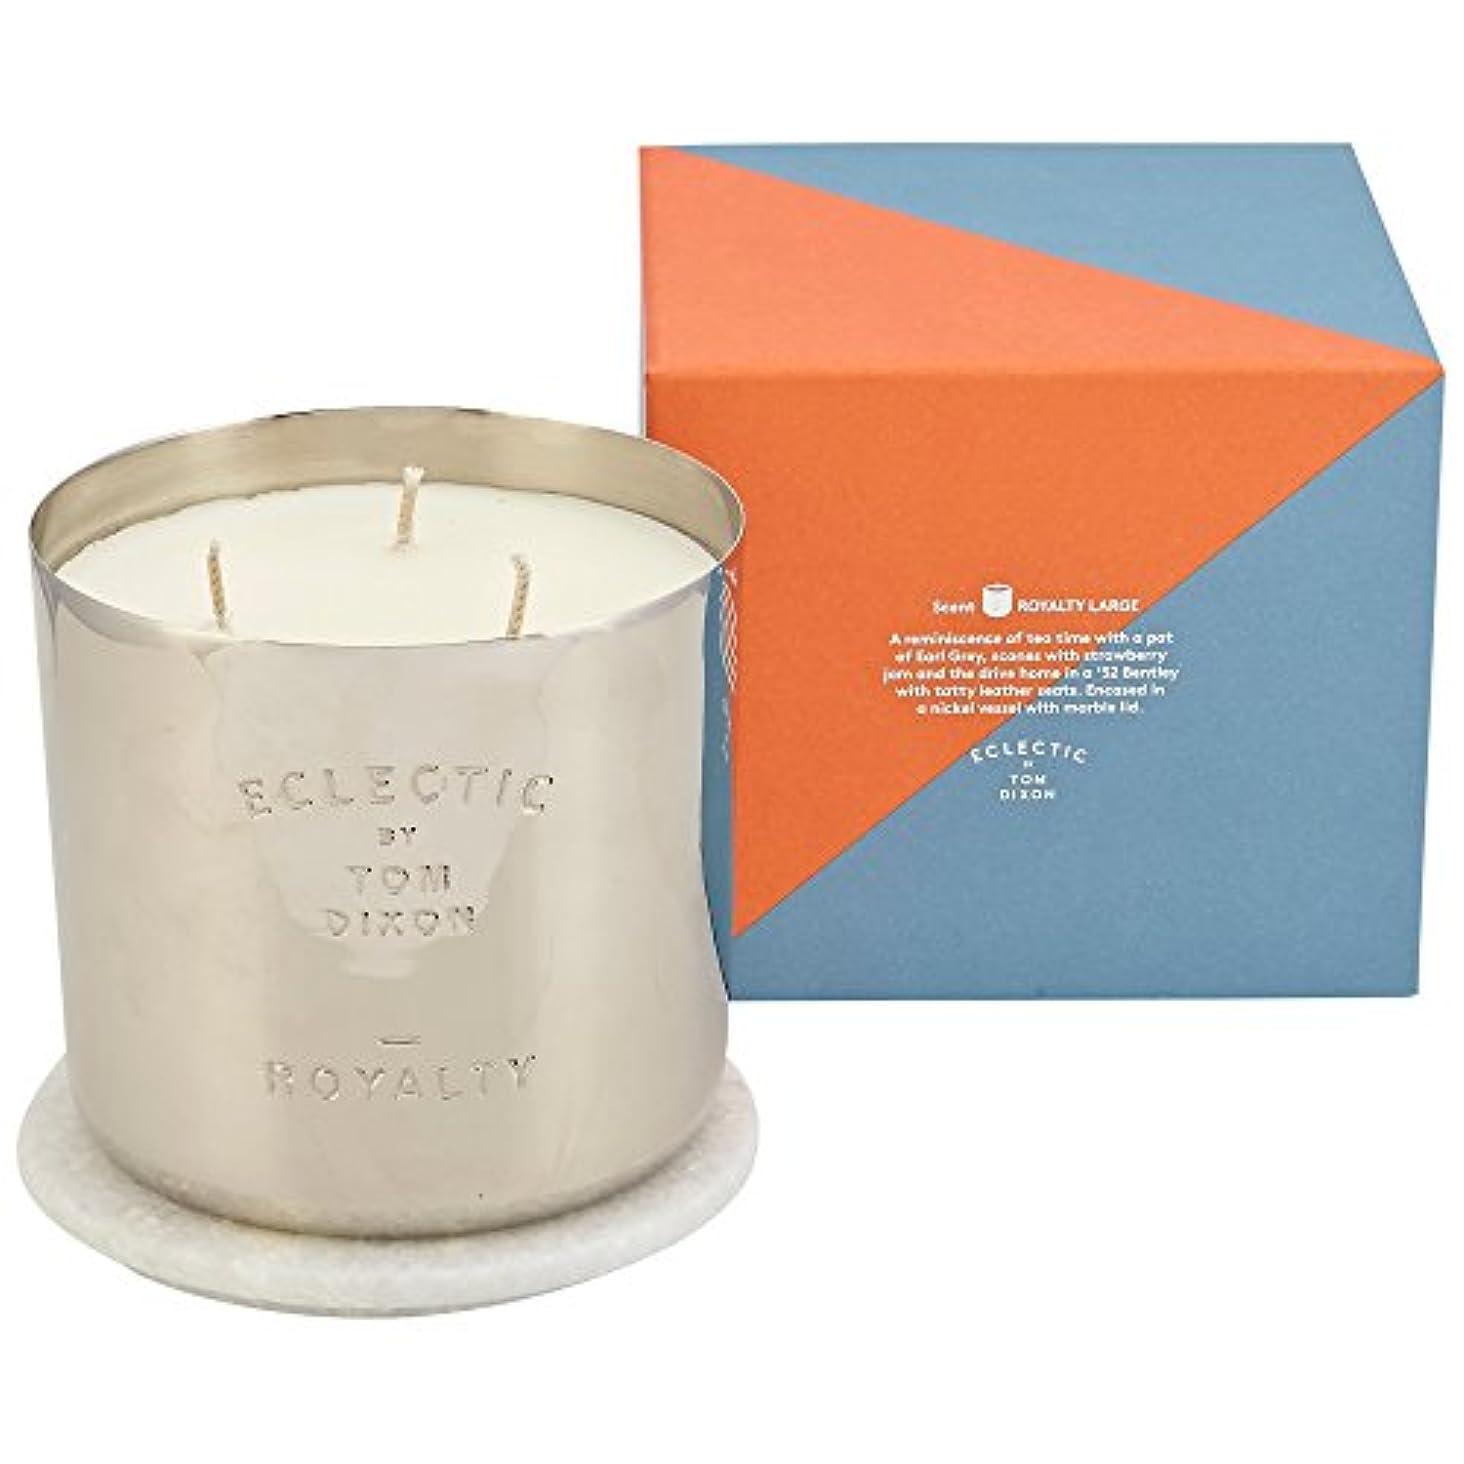 化学薬品野心社会主義者トムディクソンロイヤリティ大きな香りのキャンドル x6 - Tom Dixon Royalty Scented Candle Large (Pack of 6) [並行輸入品]